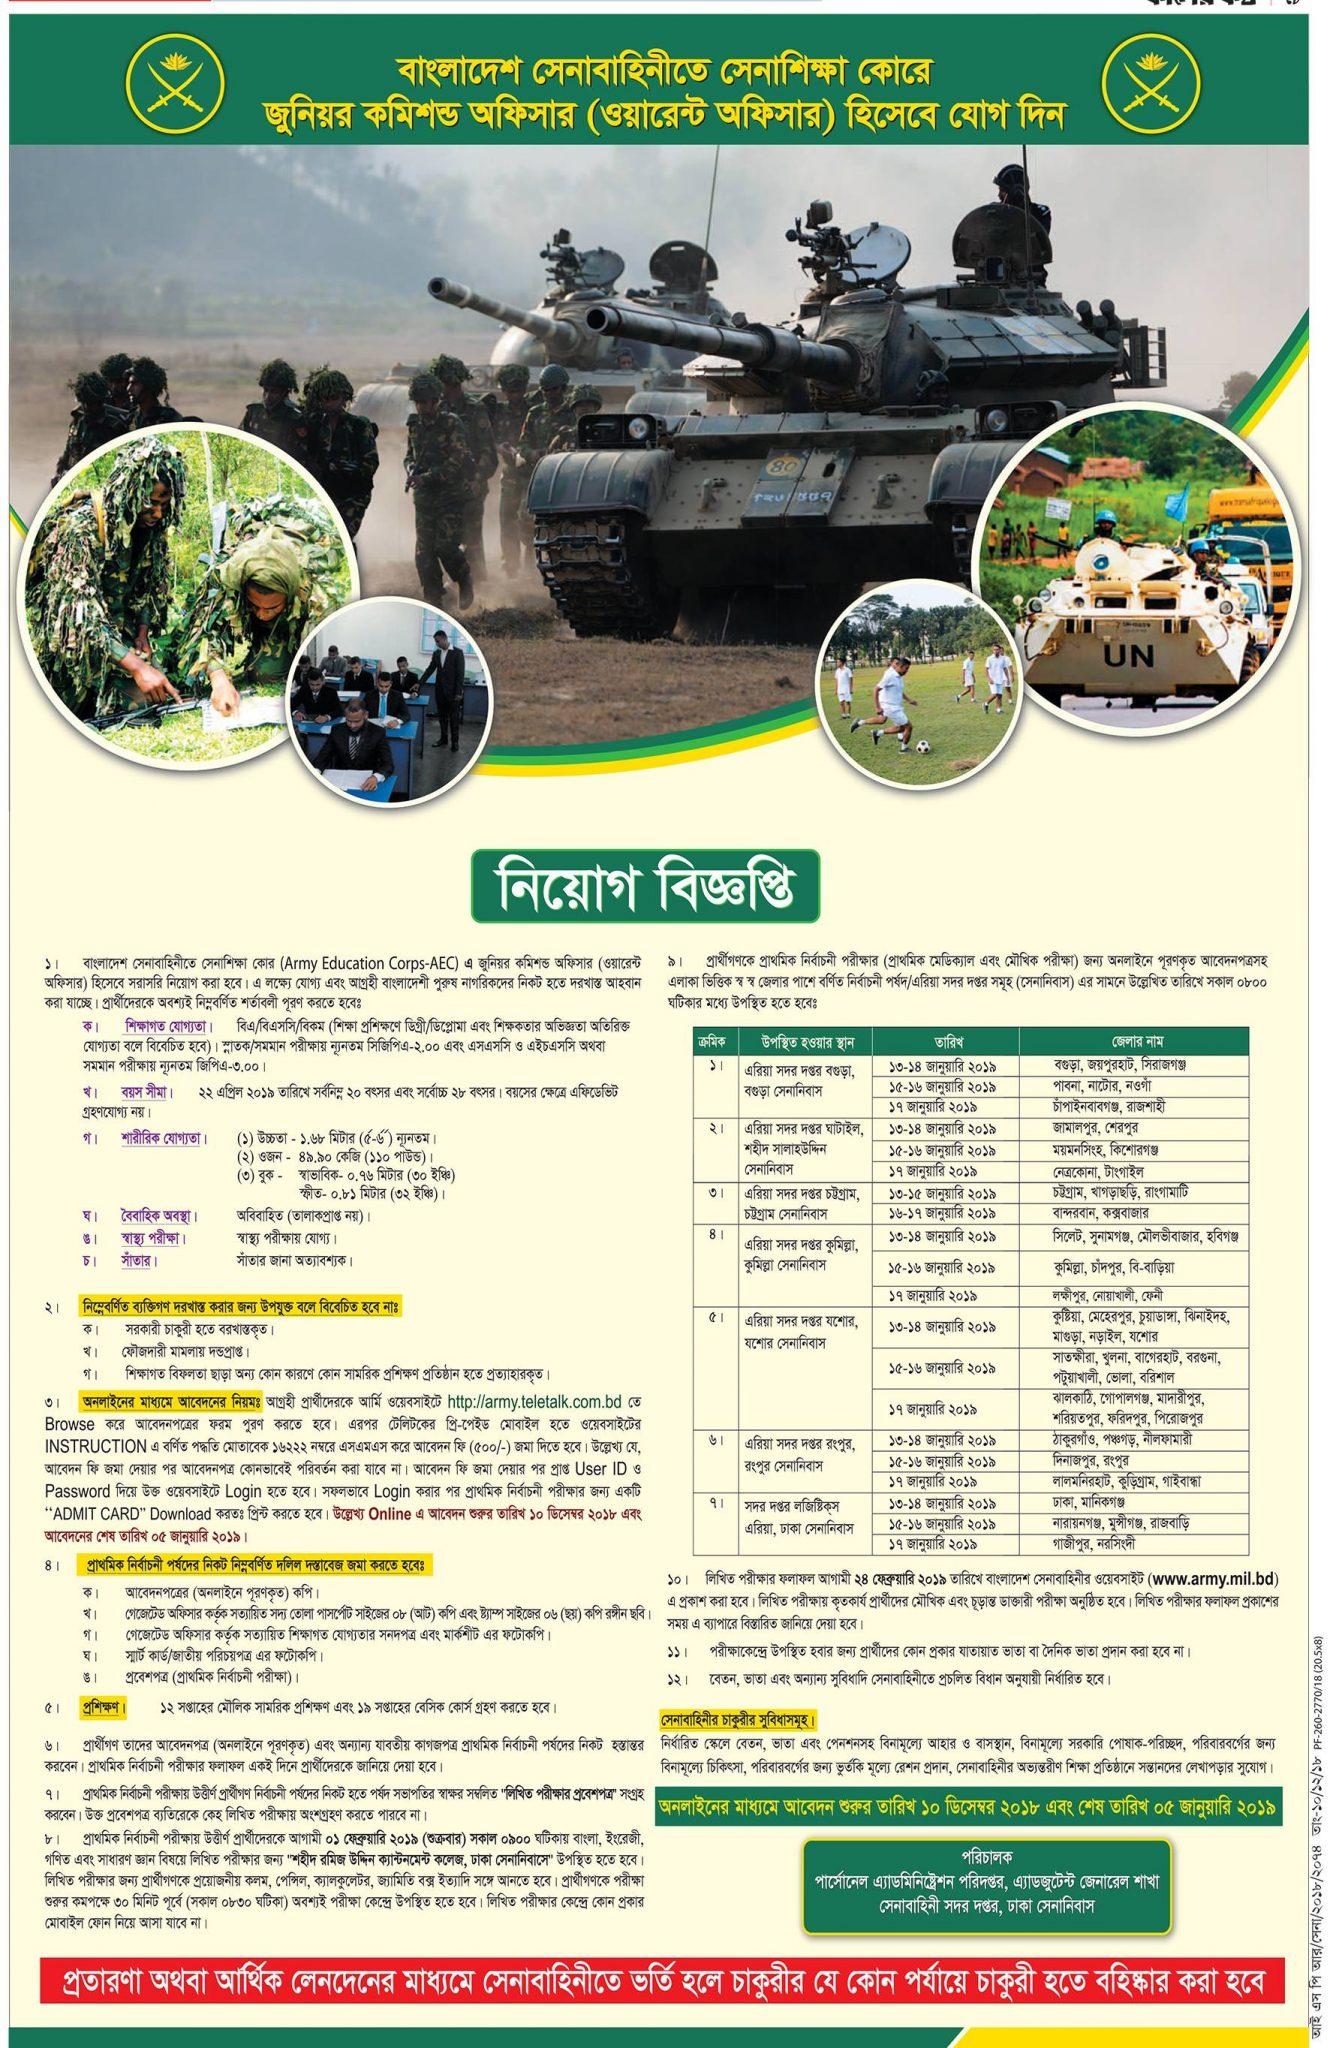 Bangladesh Army or Senabahini Job Circular 2018Bangladesh Army or Senabahini Job Circular 2018